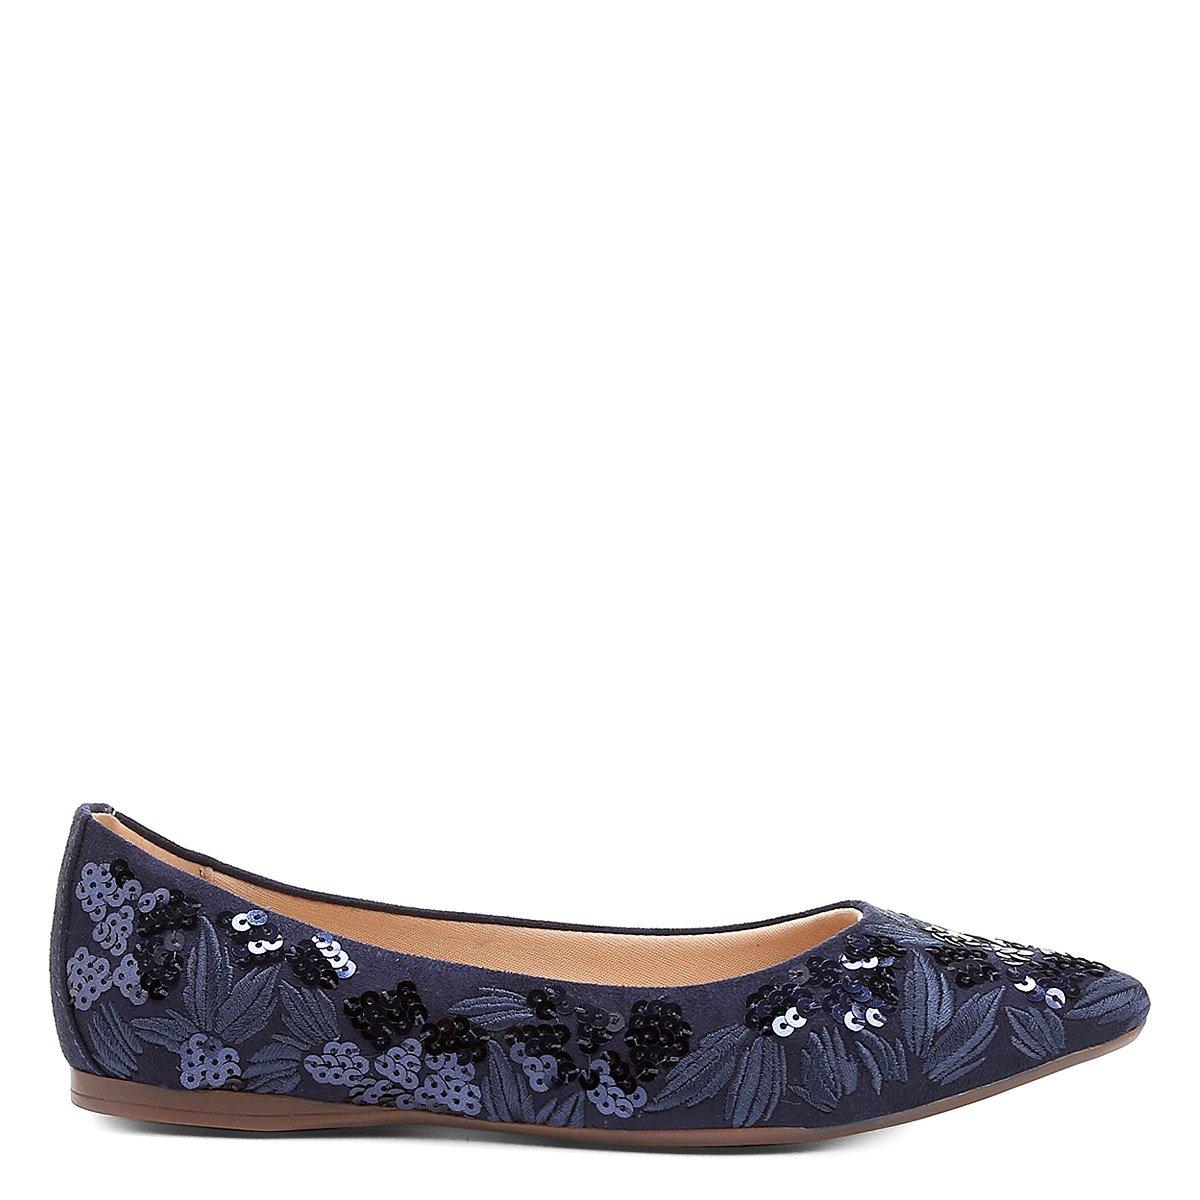 Floral Sapatilha Fino Marinho Sapatilha Bordado Bico Shoestock Shoestock 5RwxnZqY1p